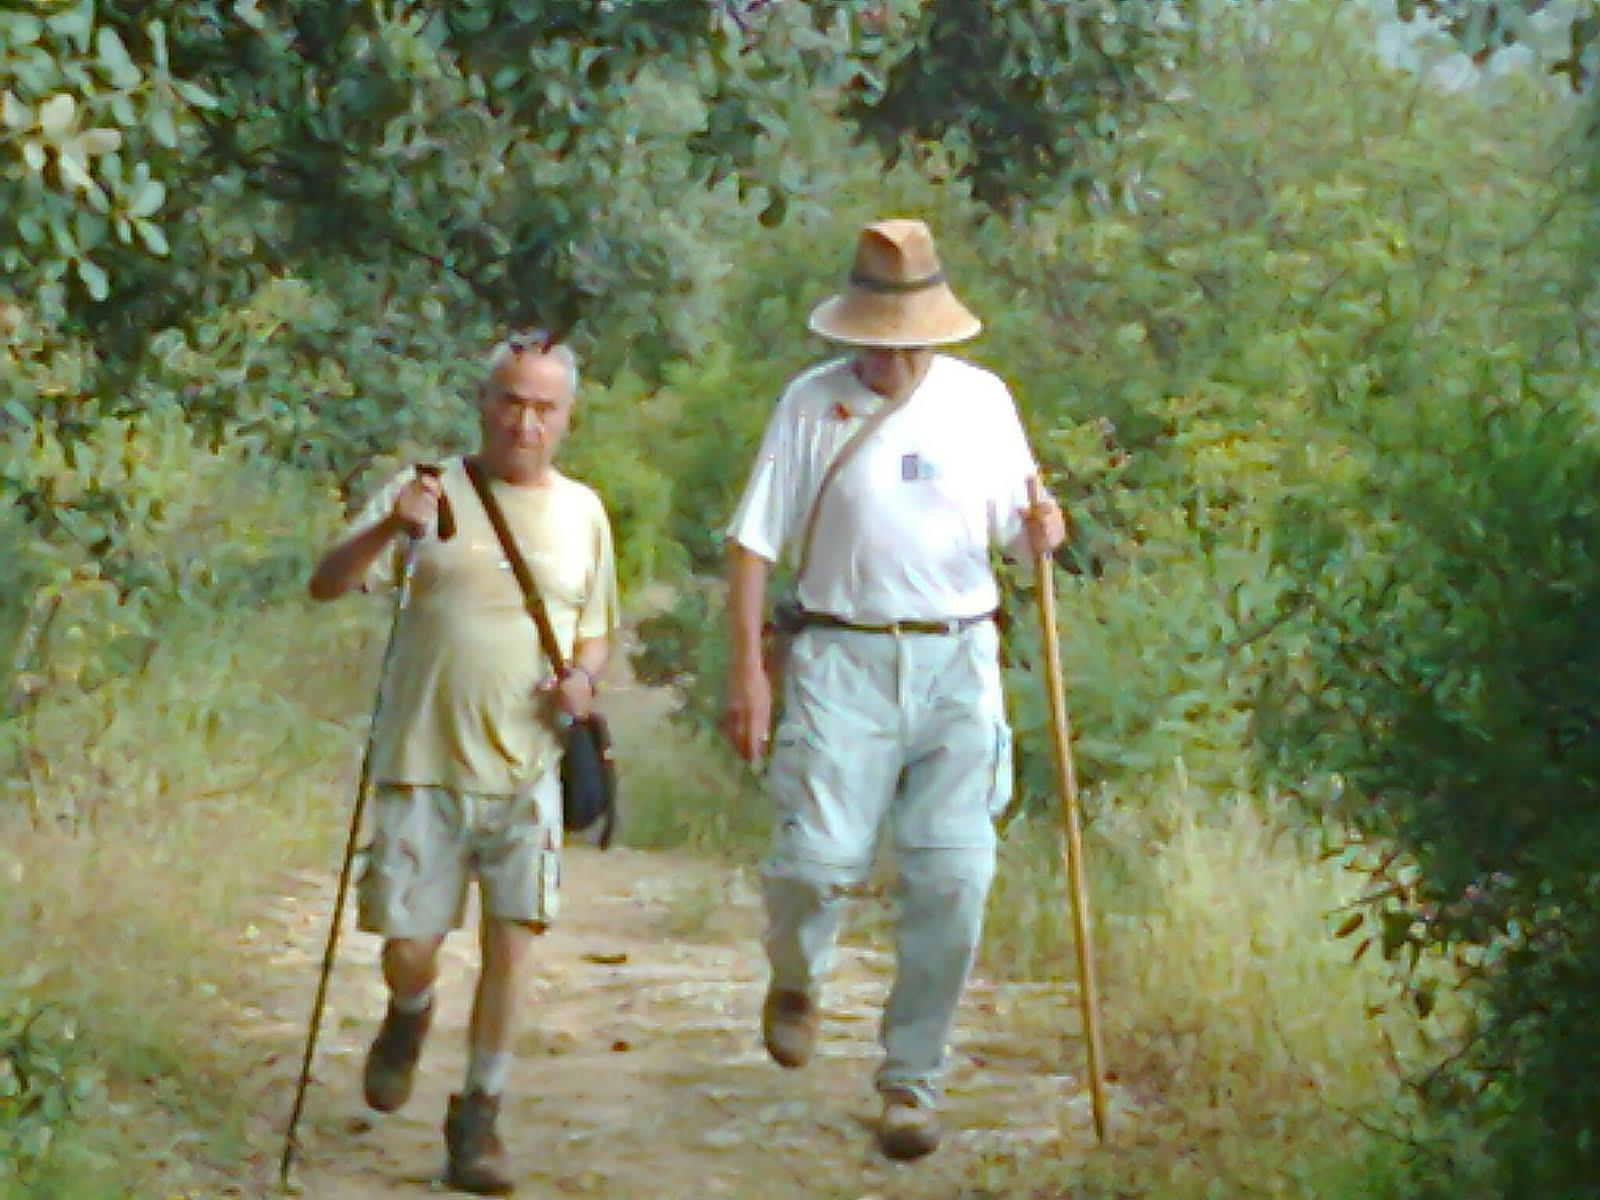 Grupo Tubienestar Sc - Arroyo de San Servn - Pedregosa